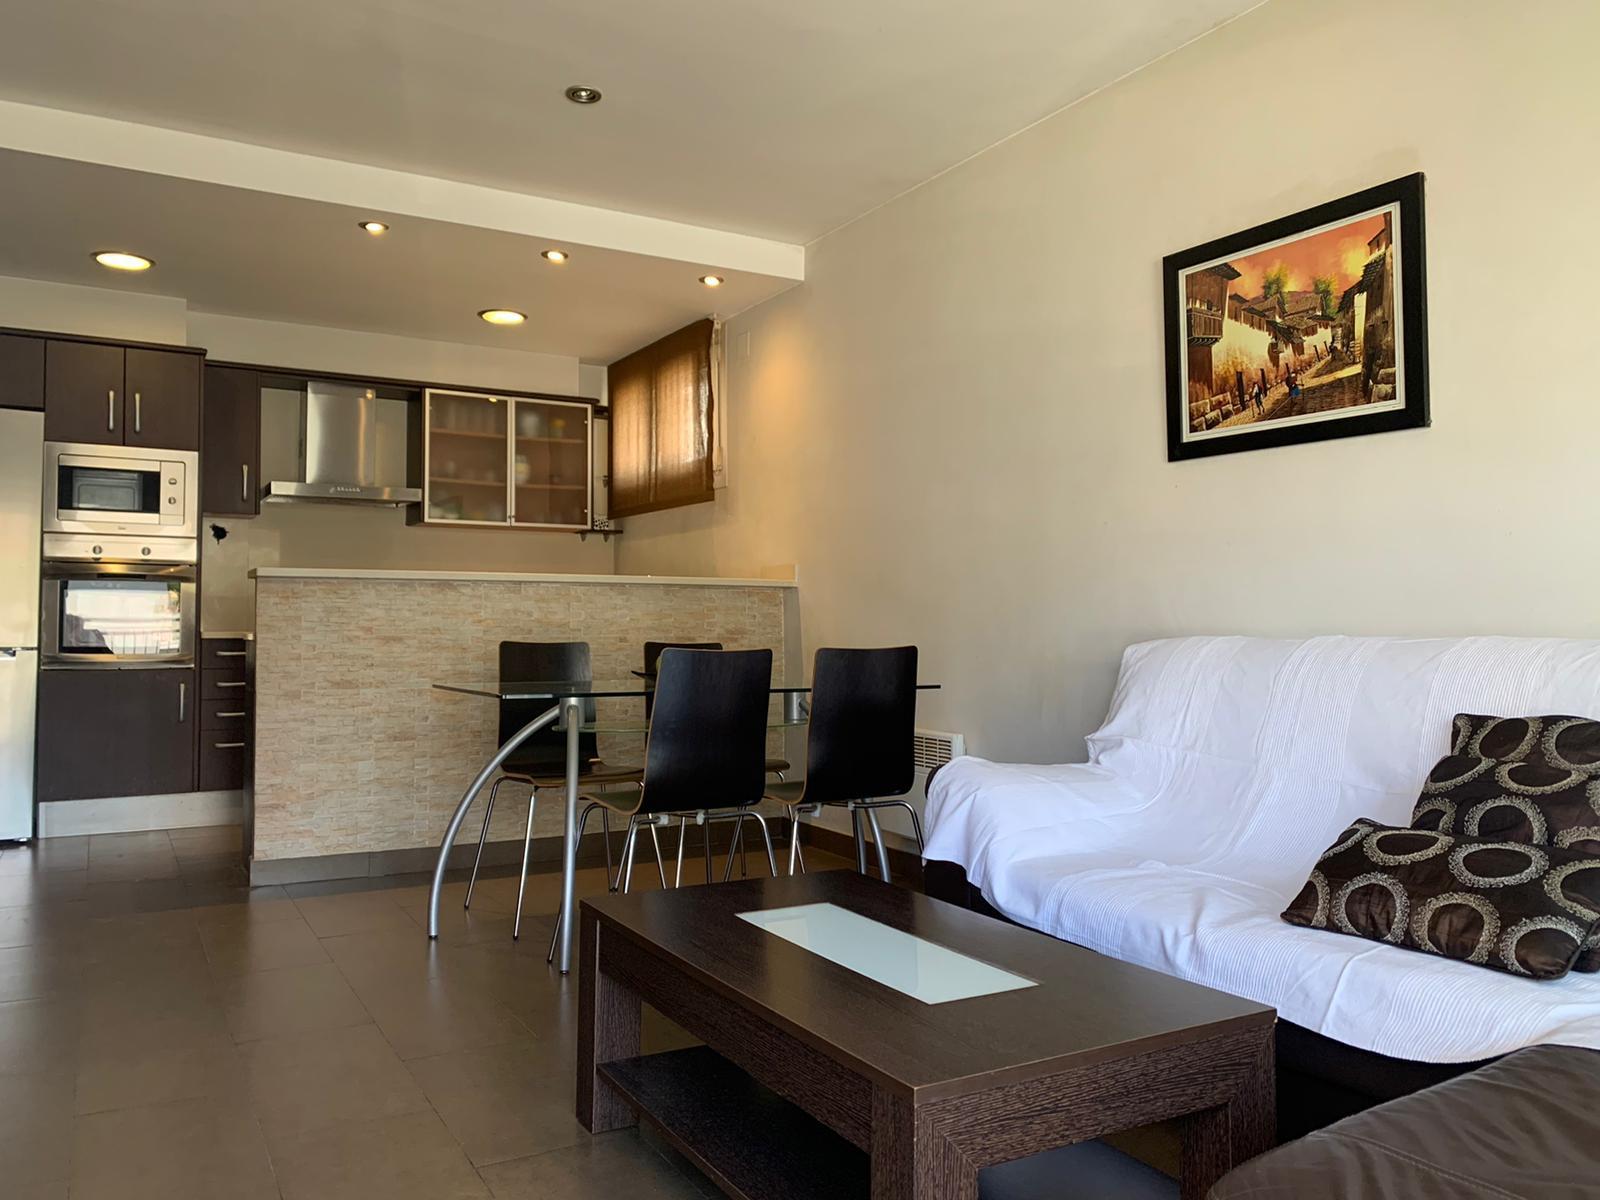 Alquiler Turístico Apartamento La Fosca